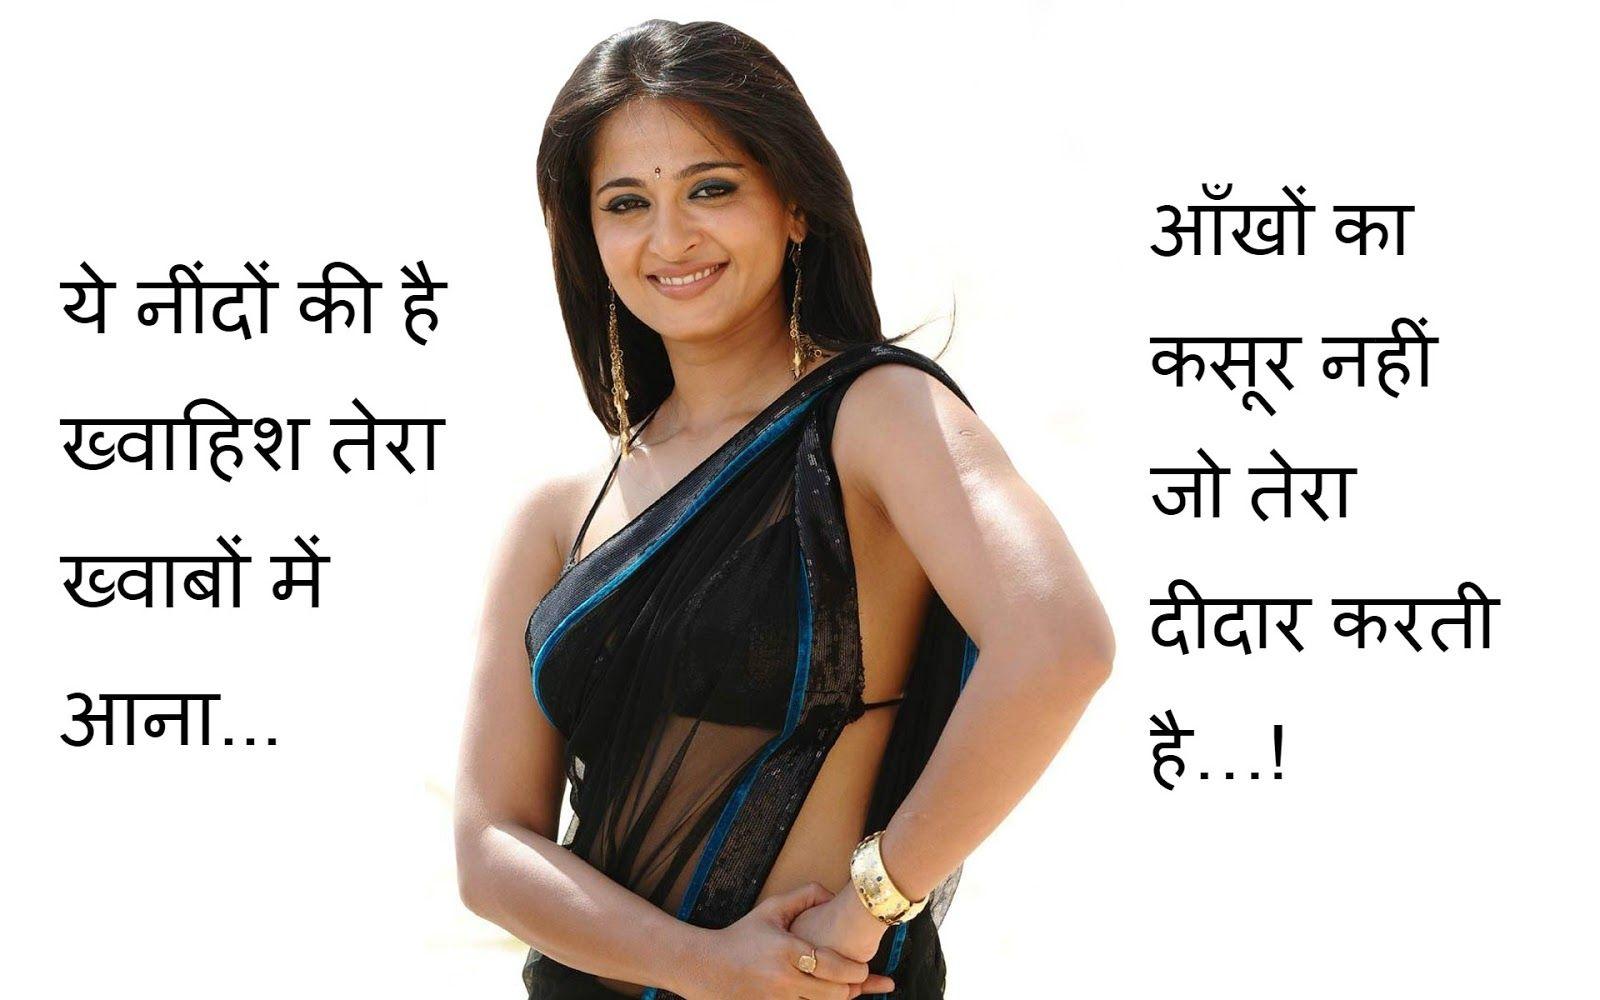 Sexy SMS für Hindi